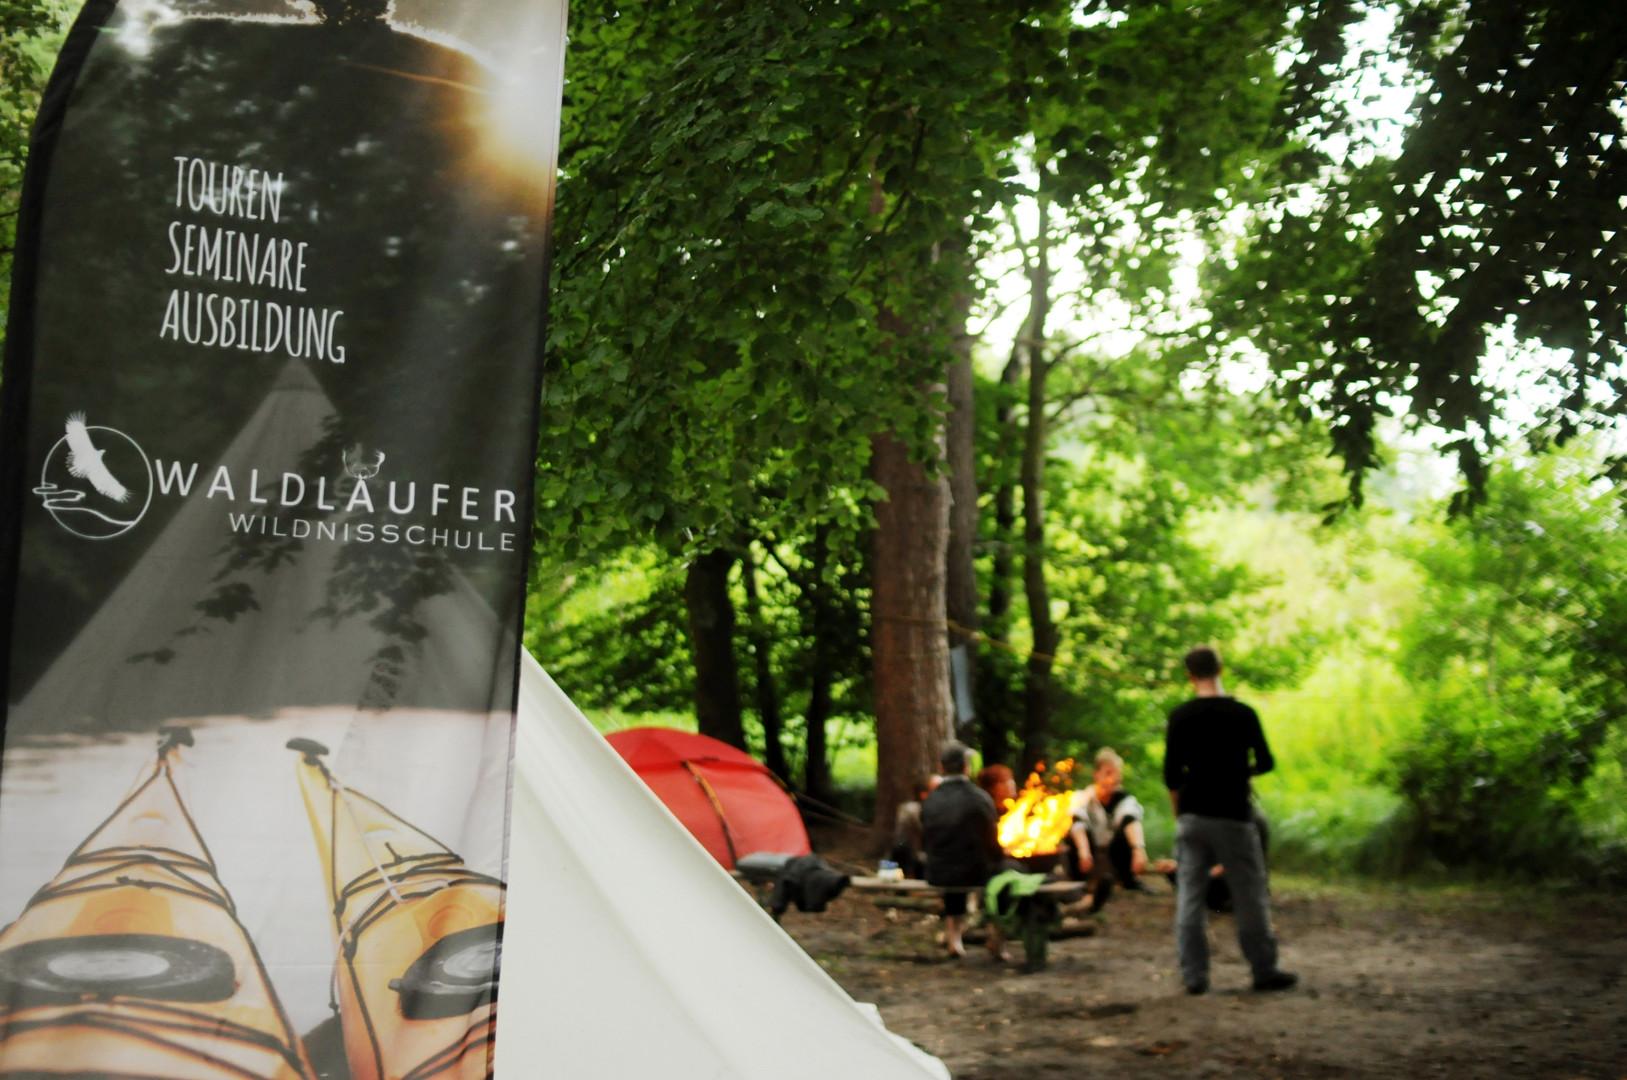 Waldläufer Wildnisschule WL.jpg